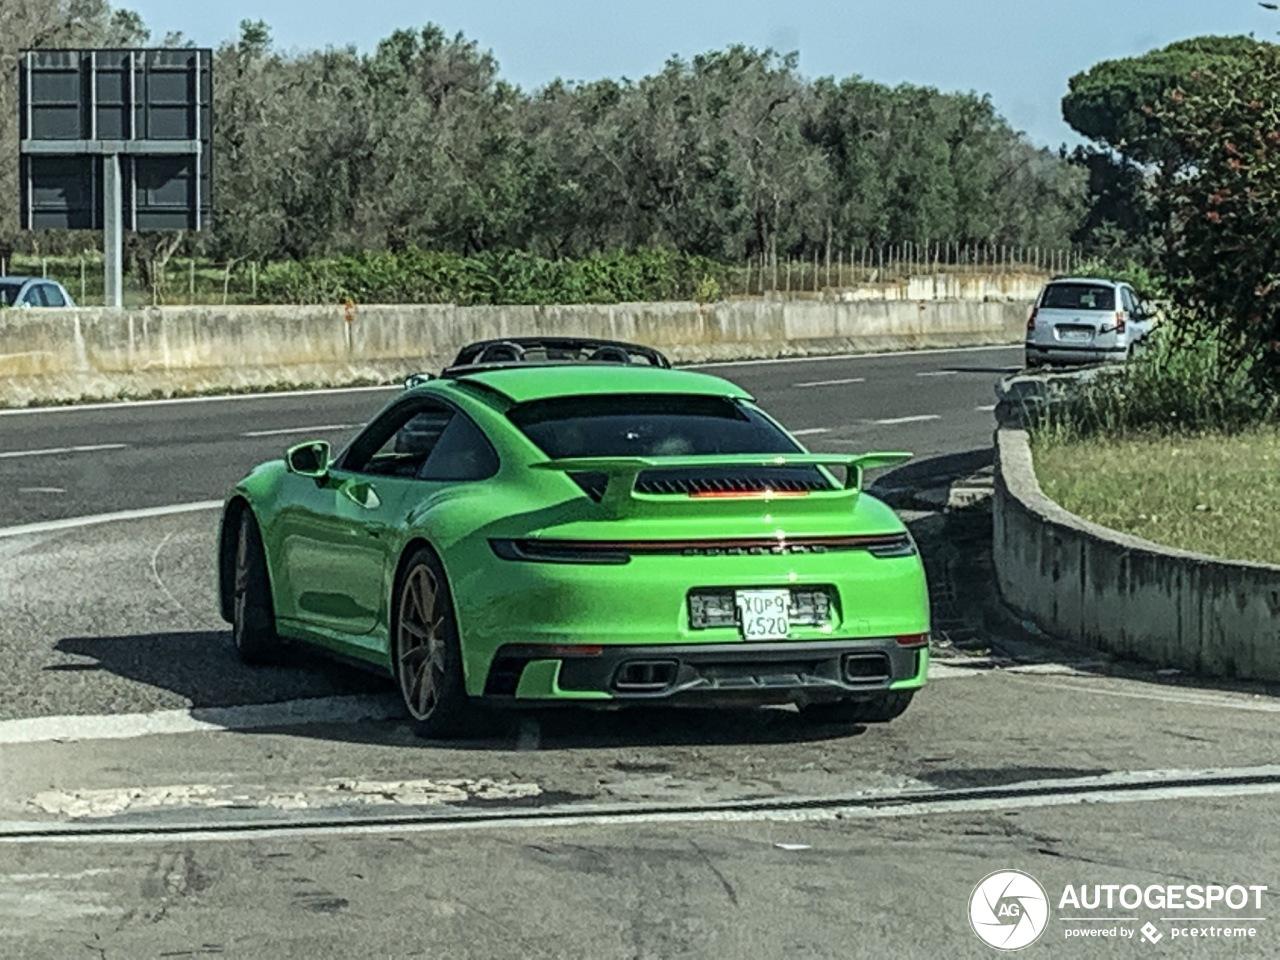 Dit is de Porsche Carrera S met aeropack